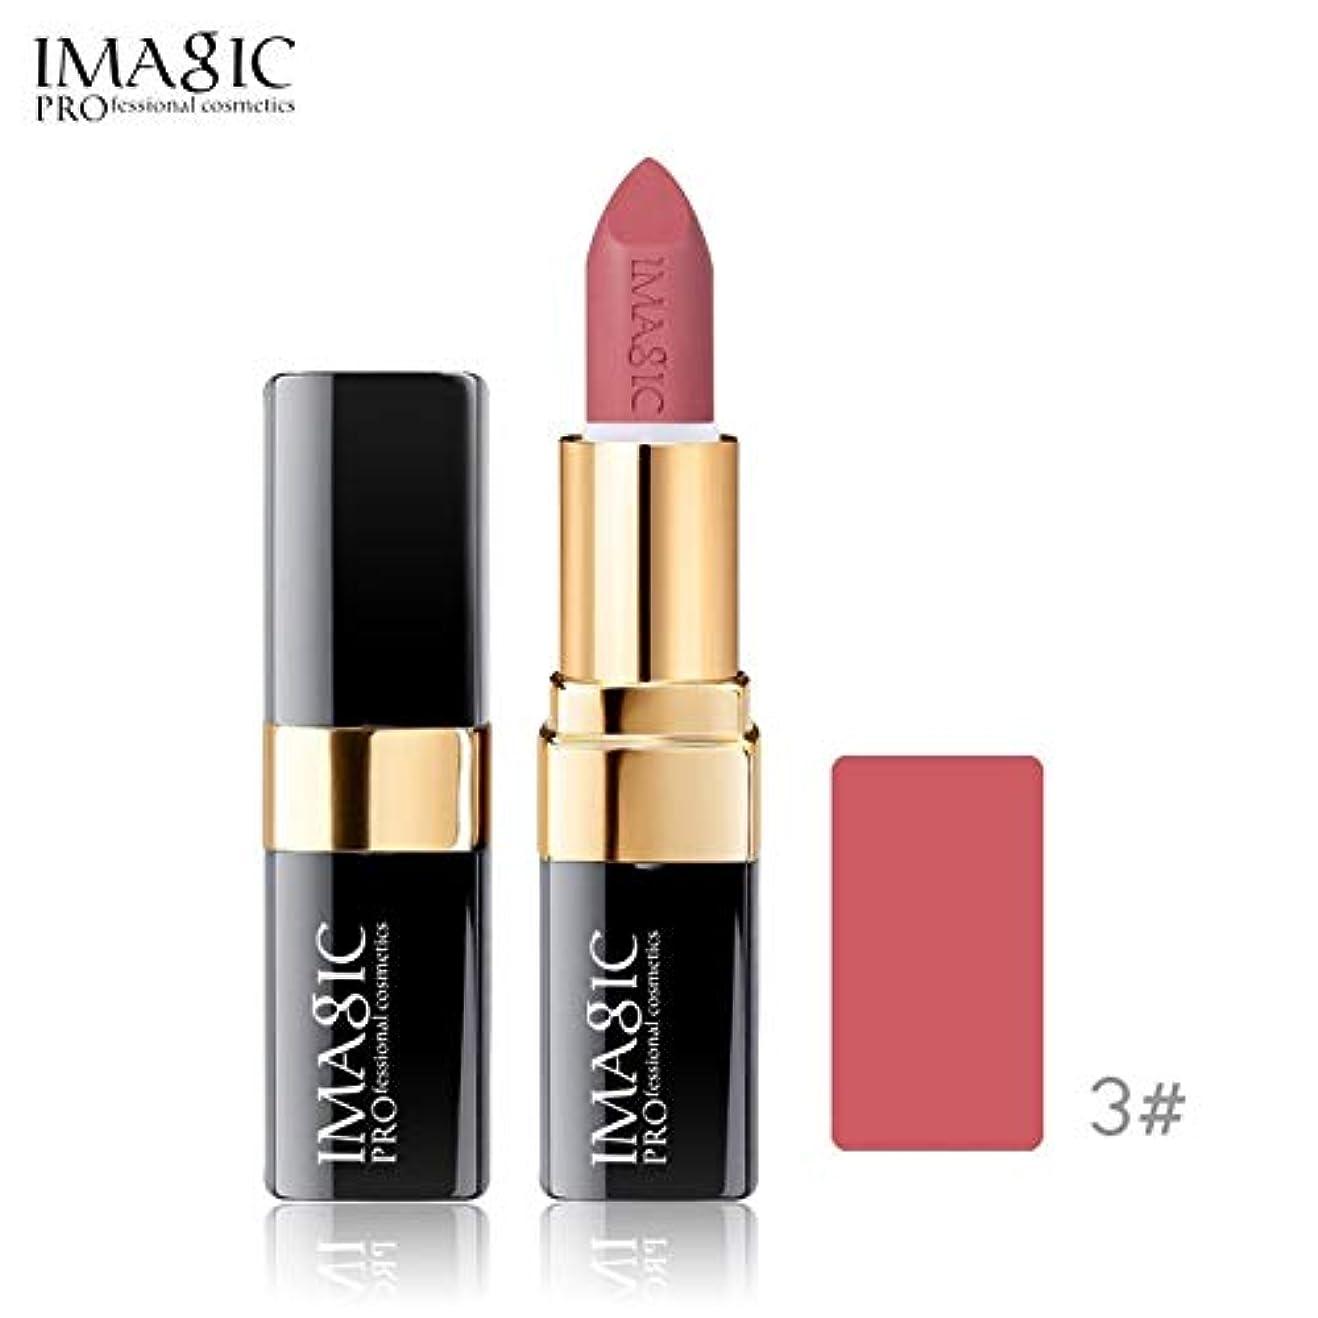 コース僕のおNOTEイマジック12色口紅モイスチャライザー唇滑らかに染めないでリップスティック長持ち化粧品美容メイクアップ化粧品